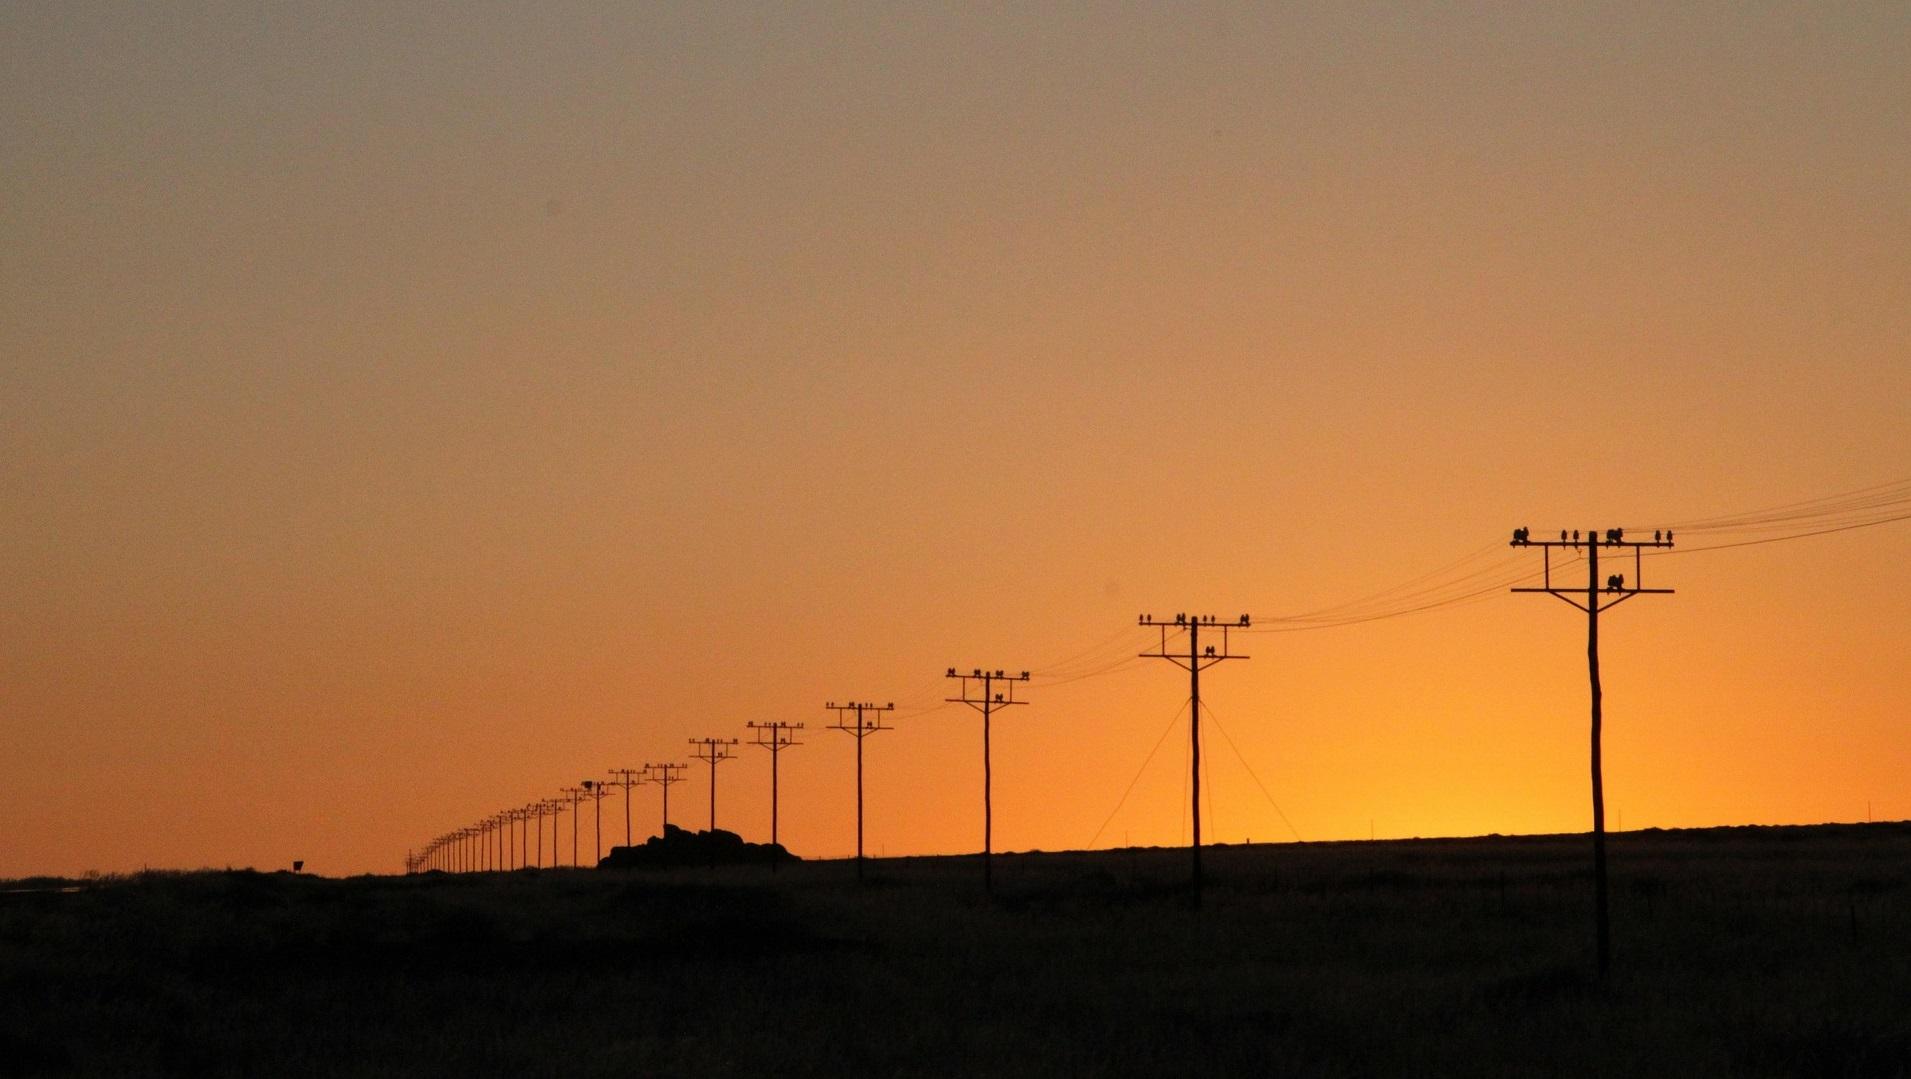 El reto del ecosistema emprendedor en Nigeria: la electricidad